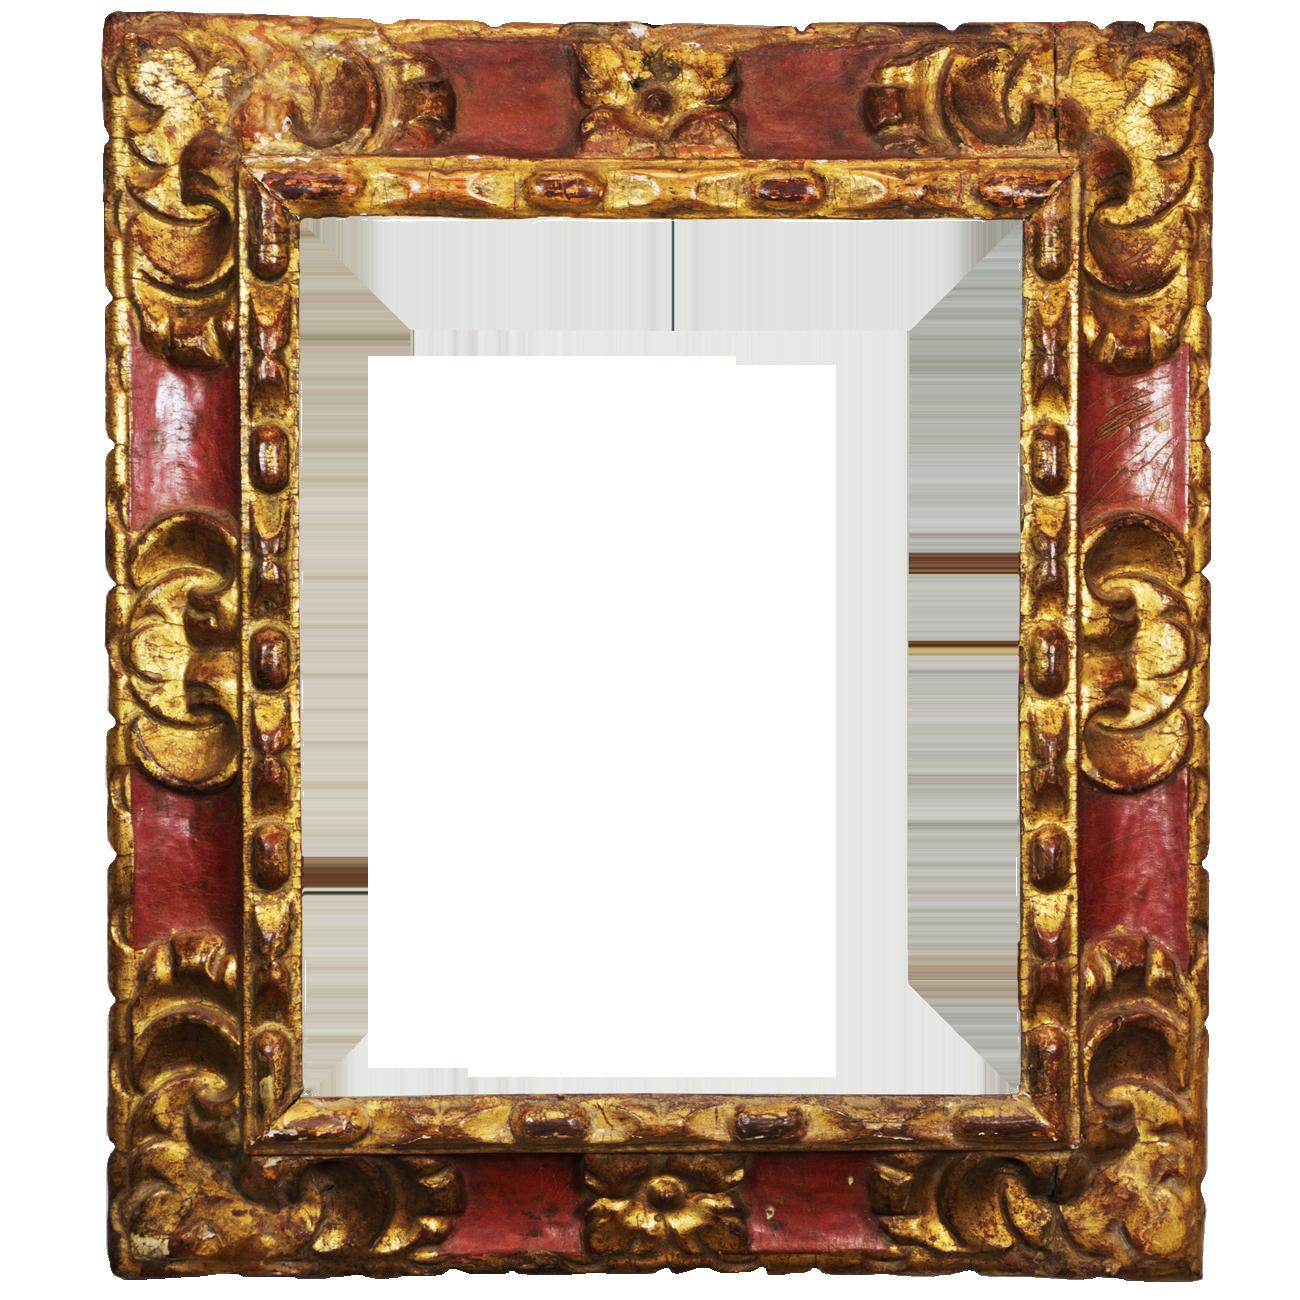 Baroquerahmen